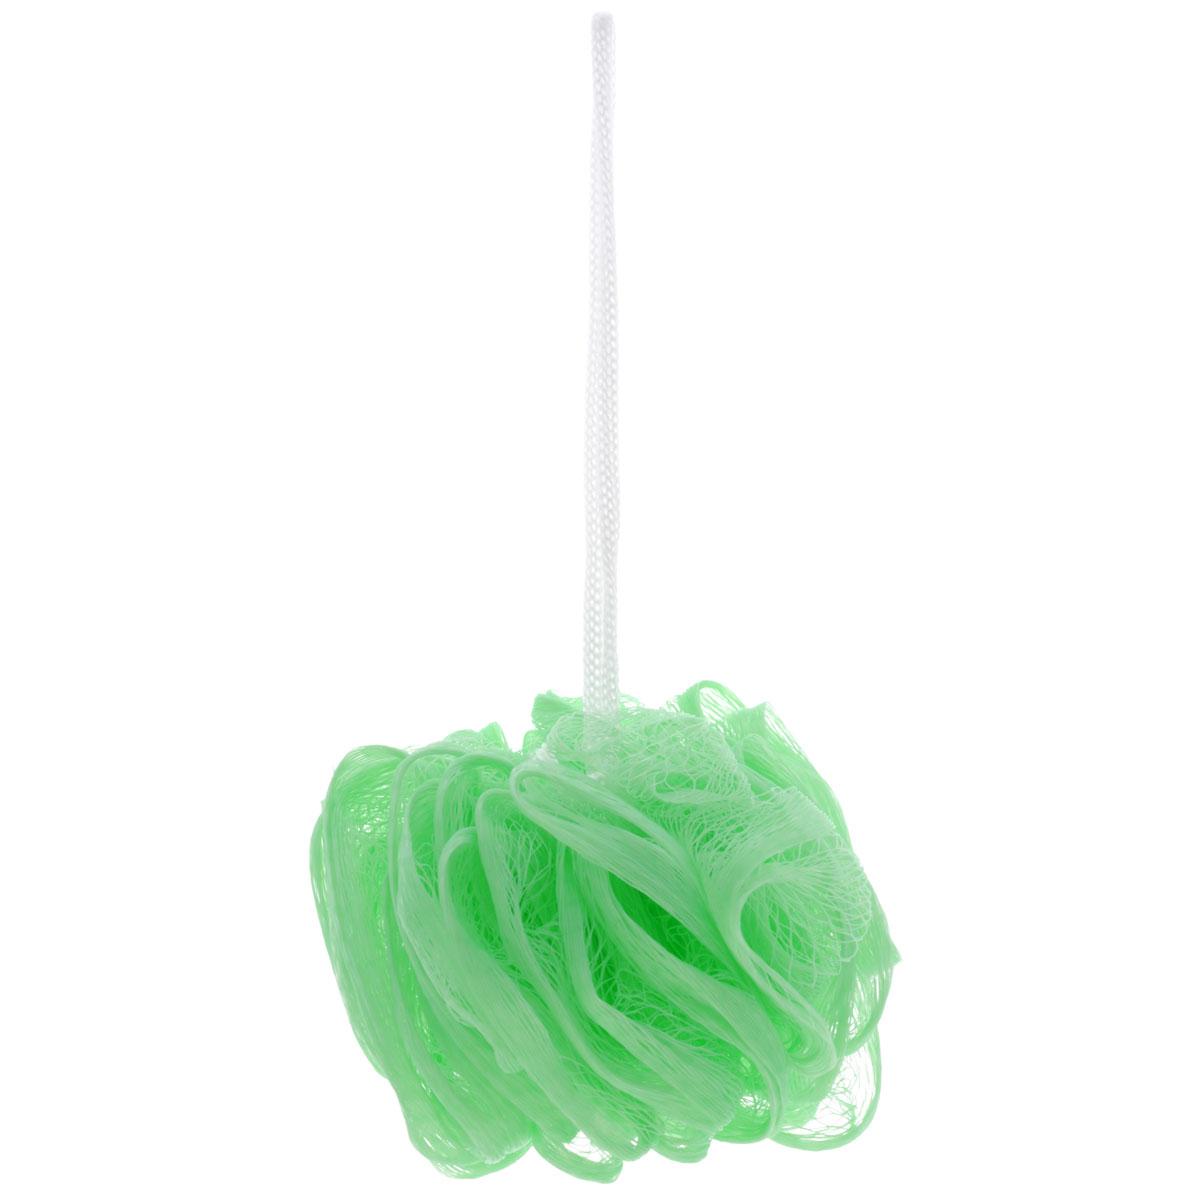 Мочалка The Body Time, цвет: светло-зеленый57198_салатовыйМочалка The Body Time, выполненная из нейлона, предназначена для мягкого очищения кожи. Она станет незаменимым аксессуаром ванной комнаты. Мочалка отлично пенится, обладает легким массажным воздействием, идеально подходит для нежной и чувствительной кожи. На мочалке имеется удобная петля для подвешивания. Диаметр: 10 см.